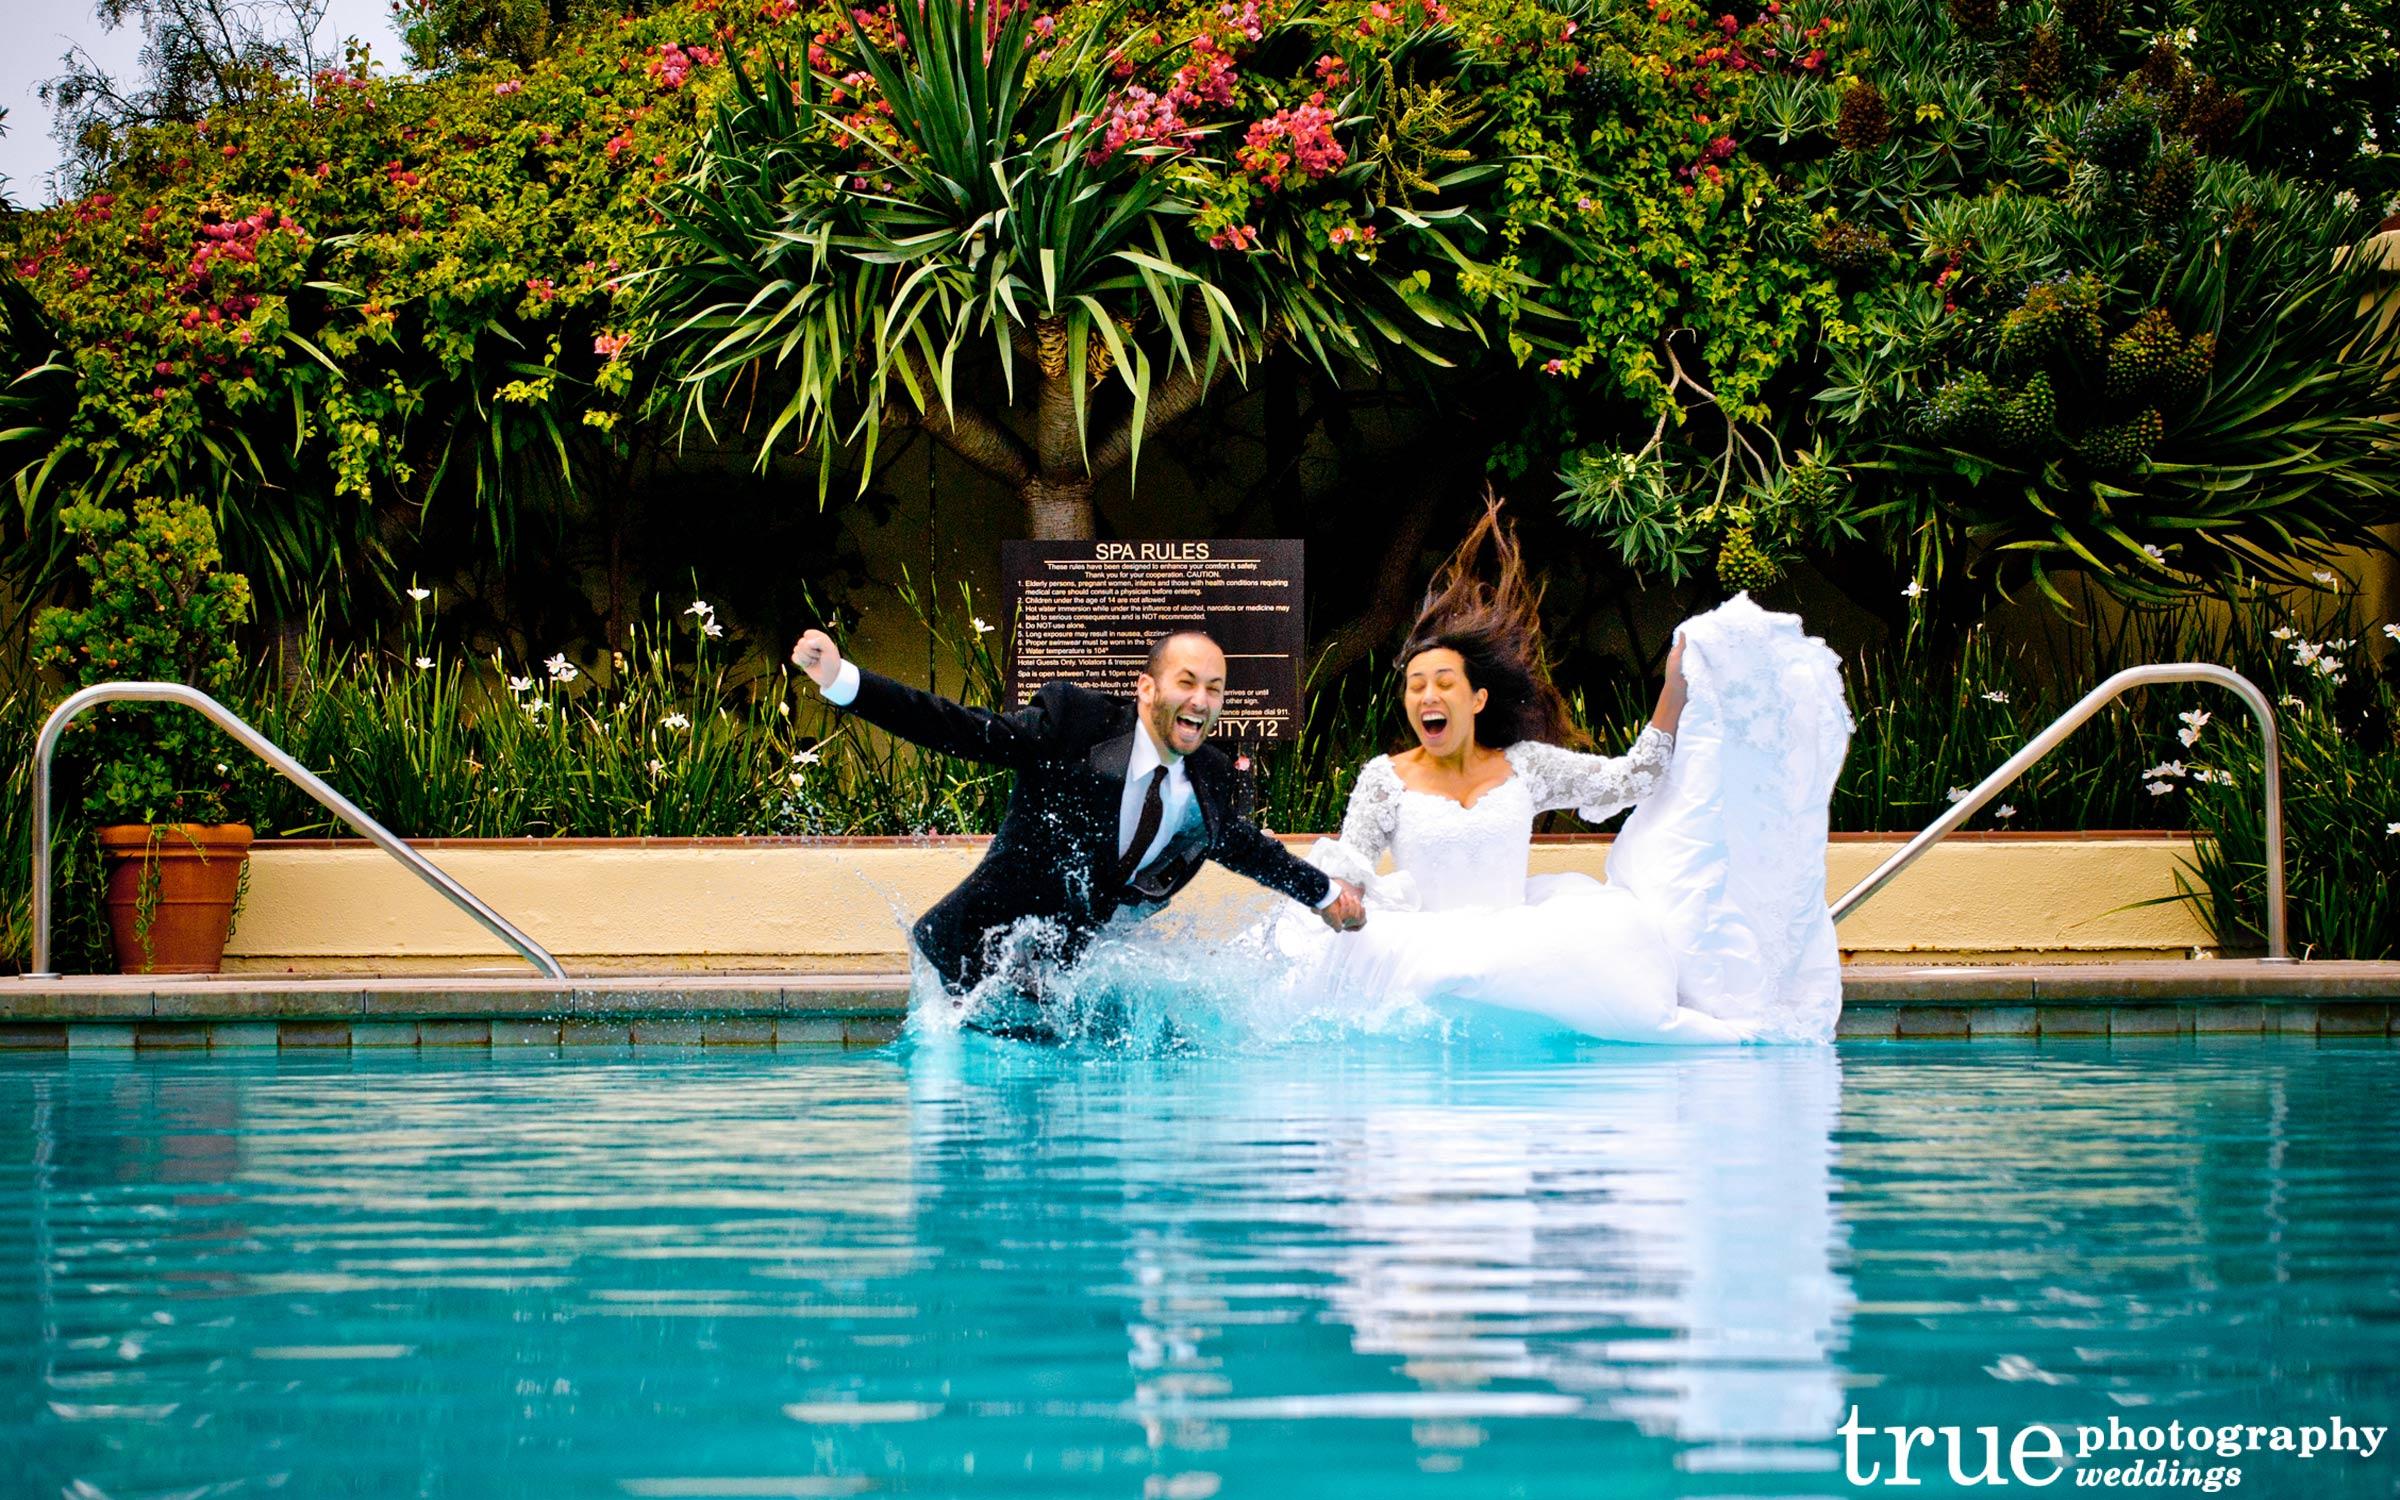 Underwater Engagement Shoot Photos In San Diego